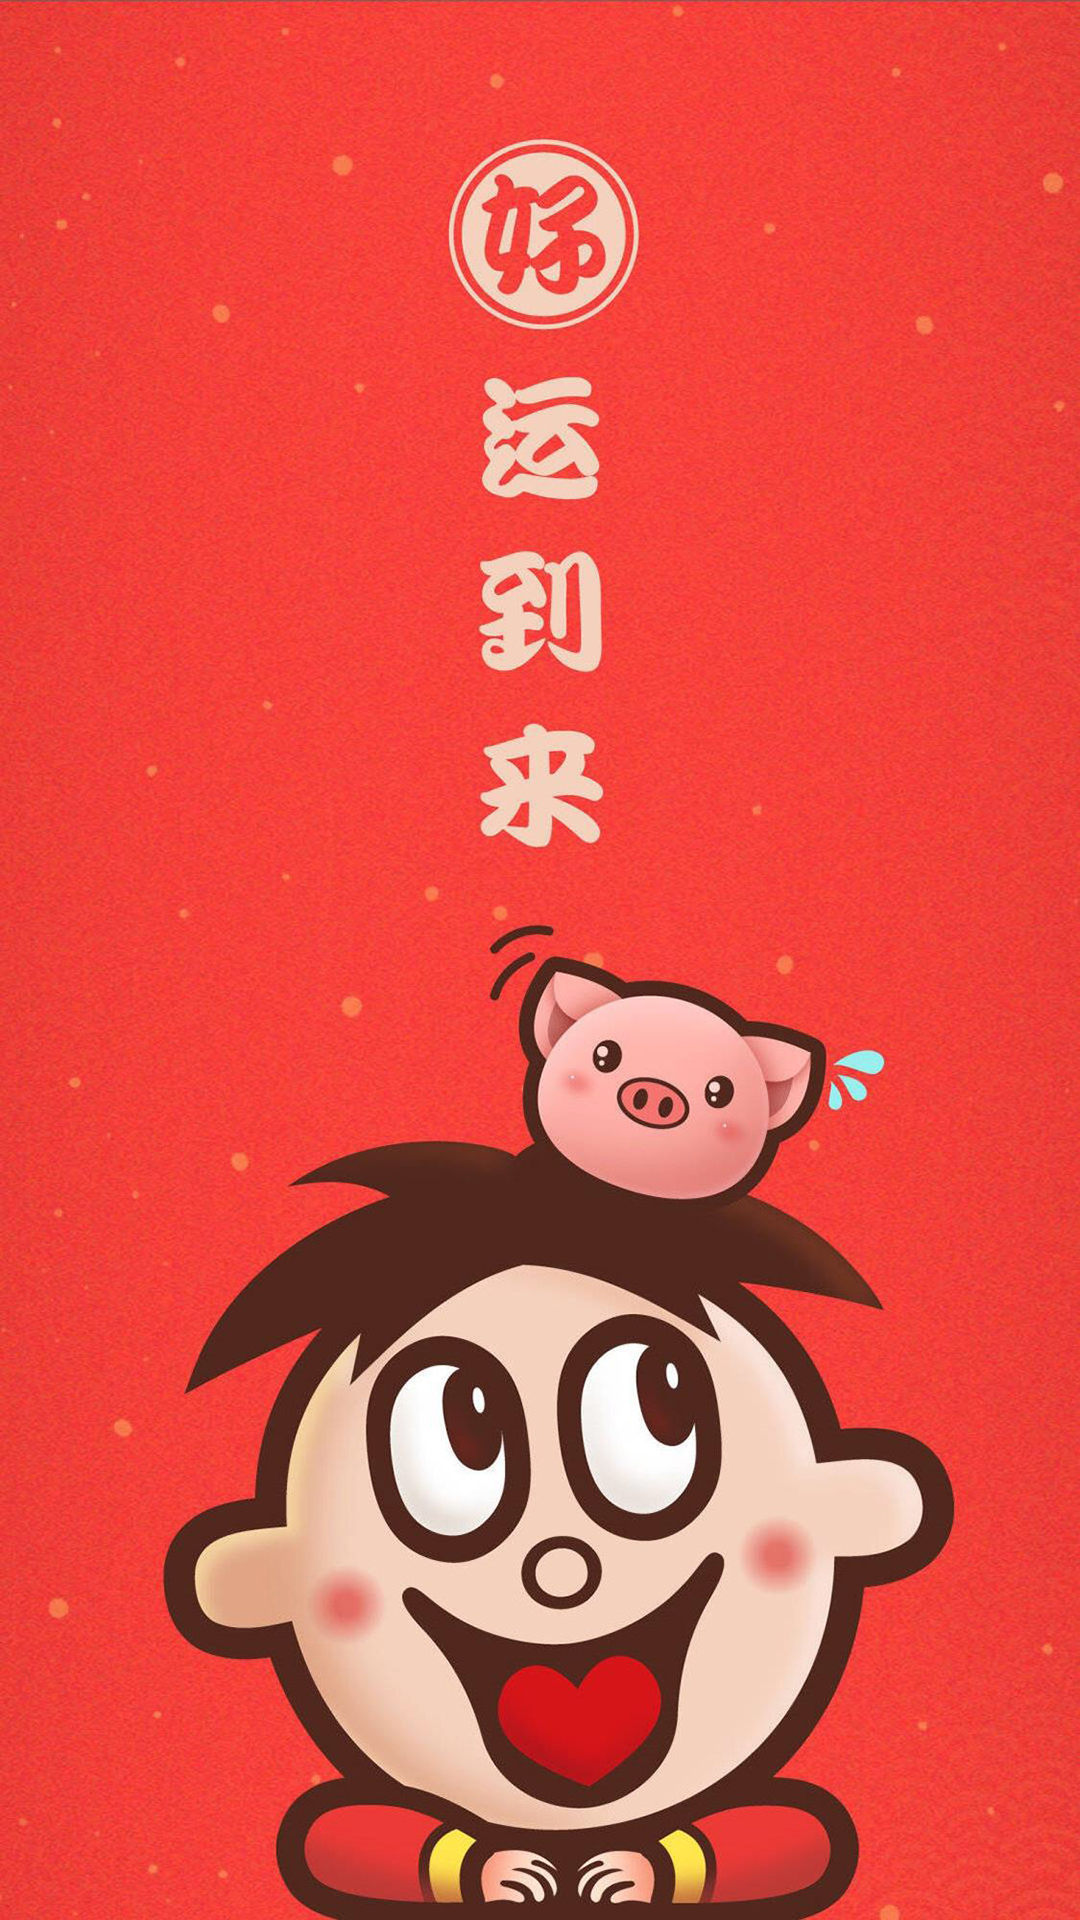 高清手机壁纸丨猪年旺上加旺丨撩心情感短句